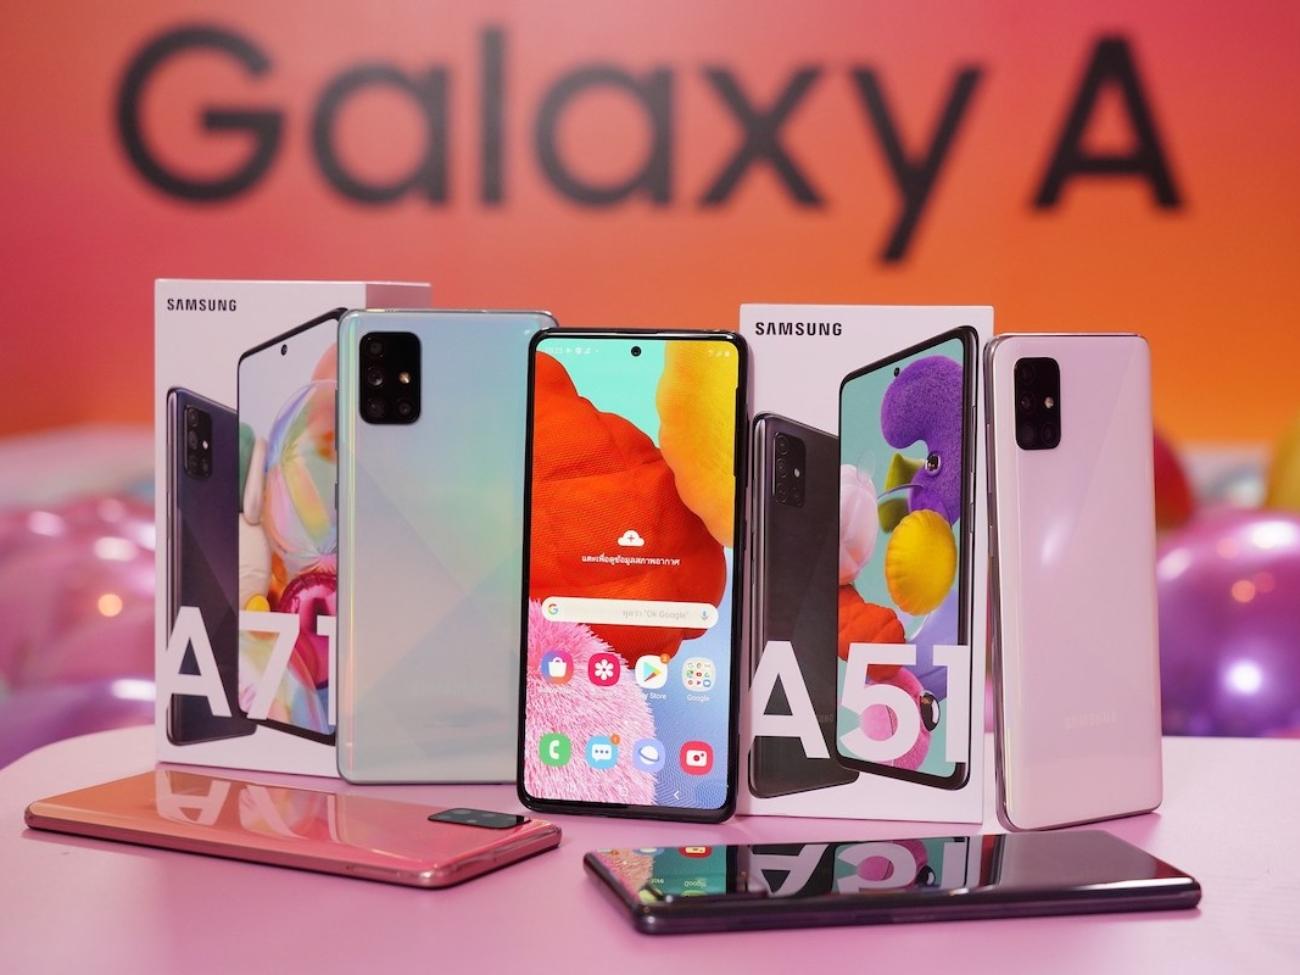 PR-Samsung-Galaxy-A71-Galaxy-A51-00004